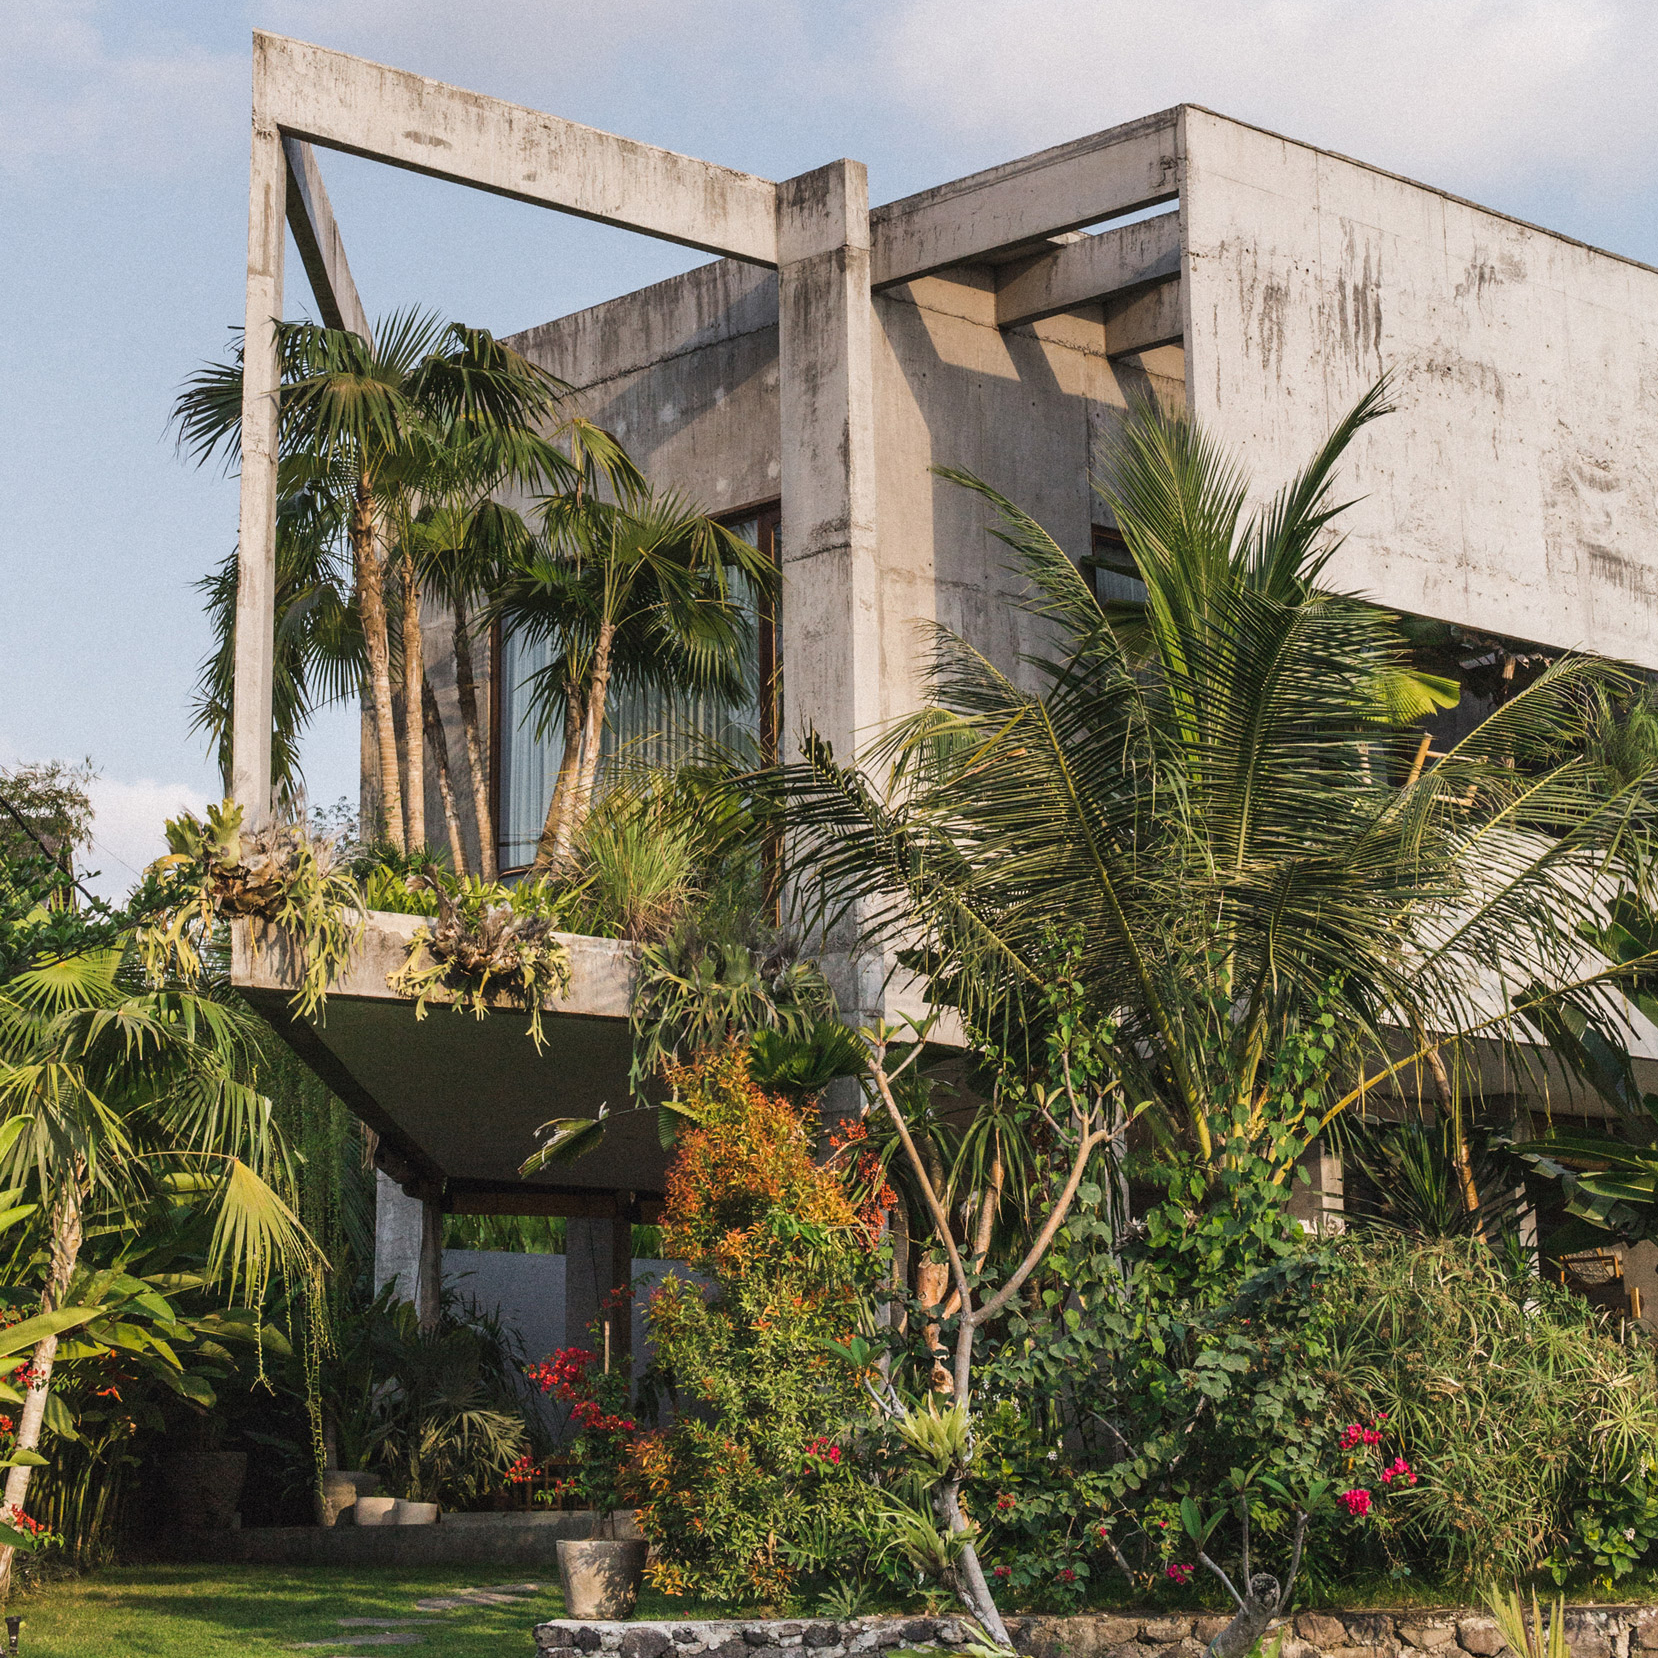 Dezeen's top 10 houses of 2019